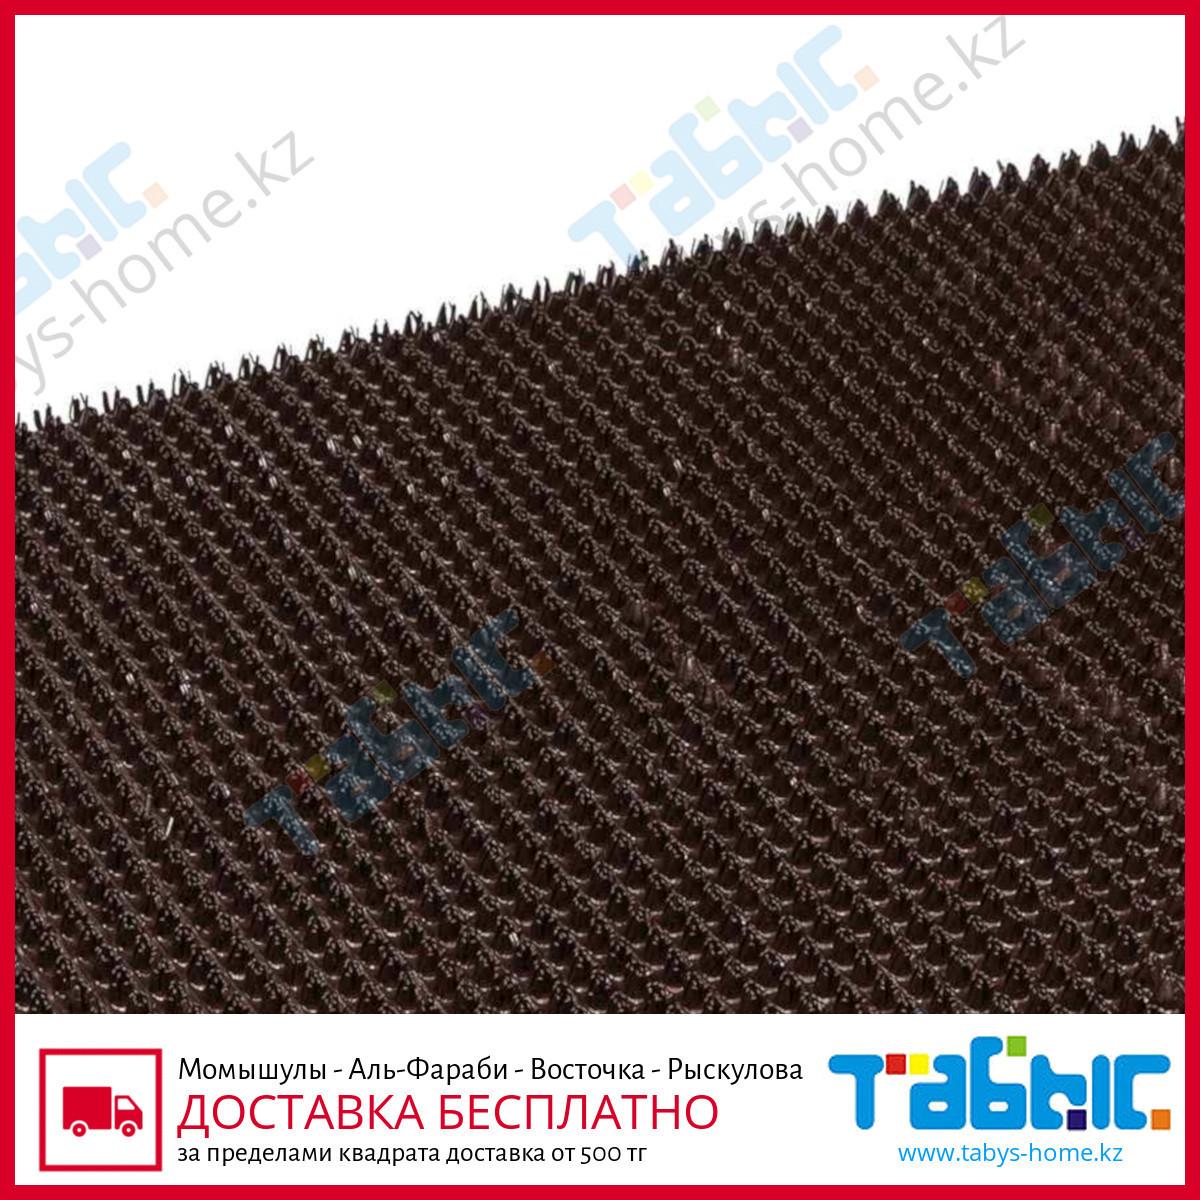 Коврик щетинистый Стандарт 90х1500 см (темно-коричневый цвет)